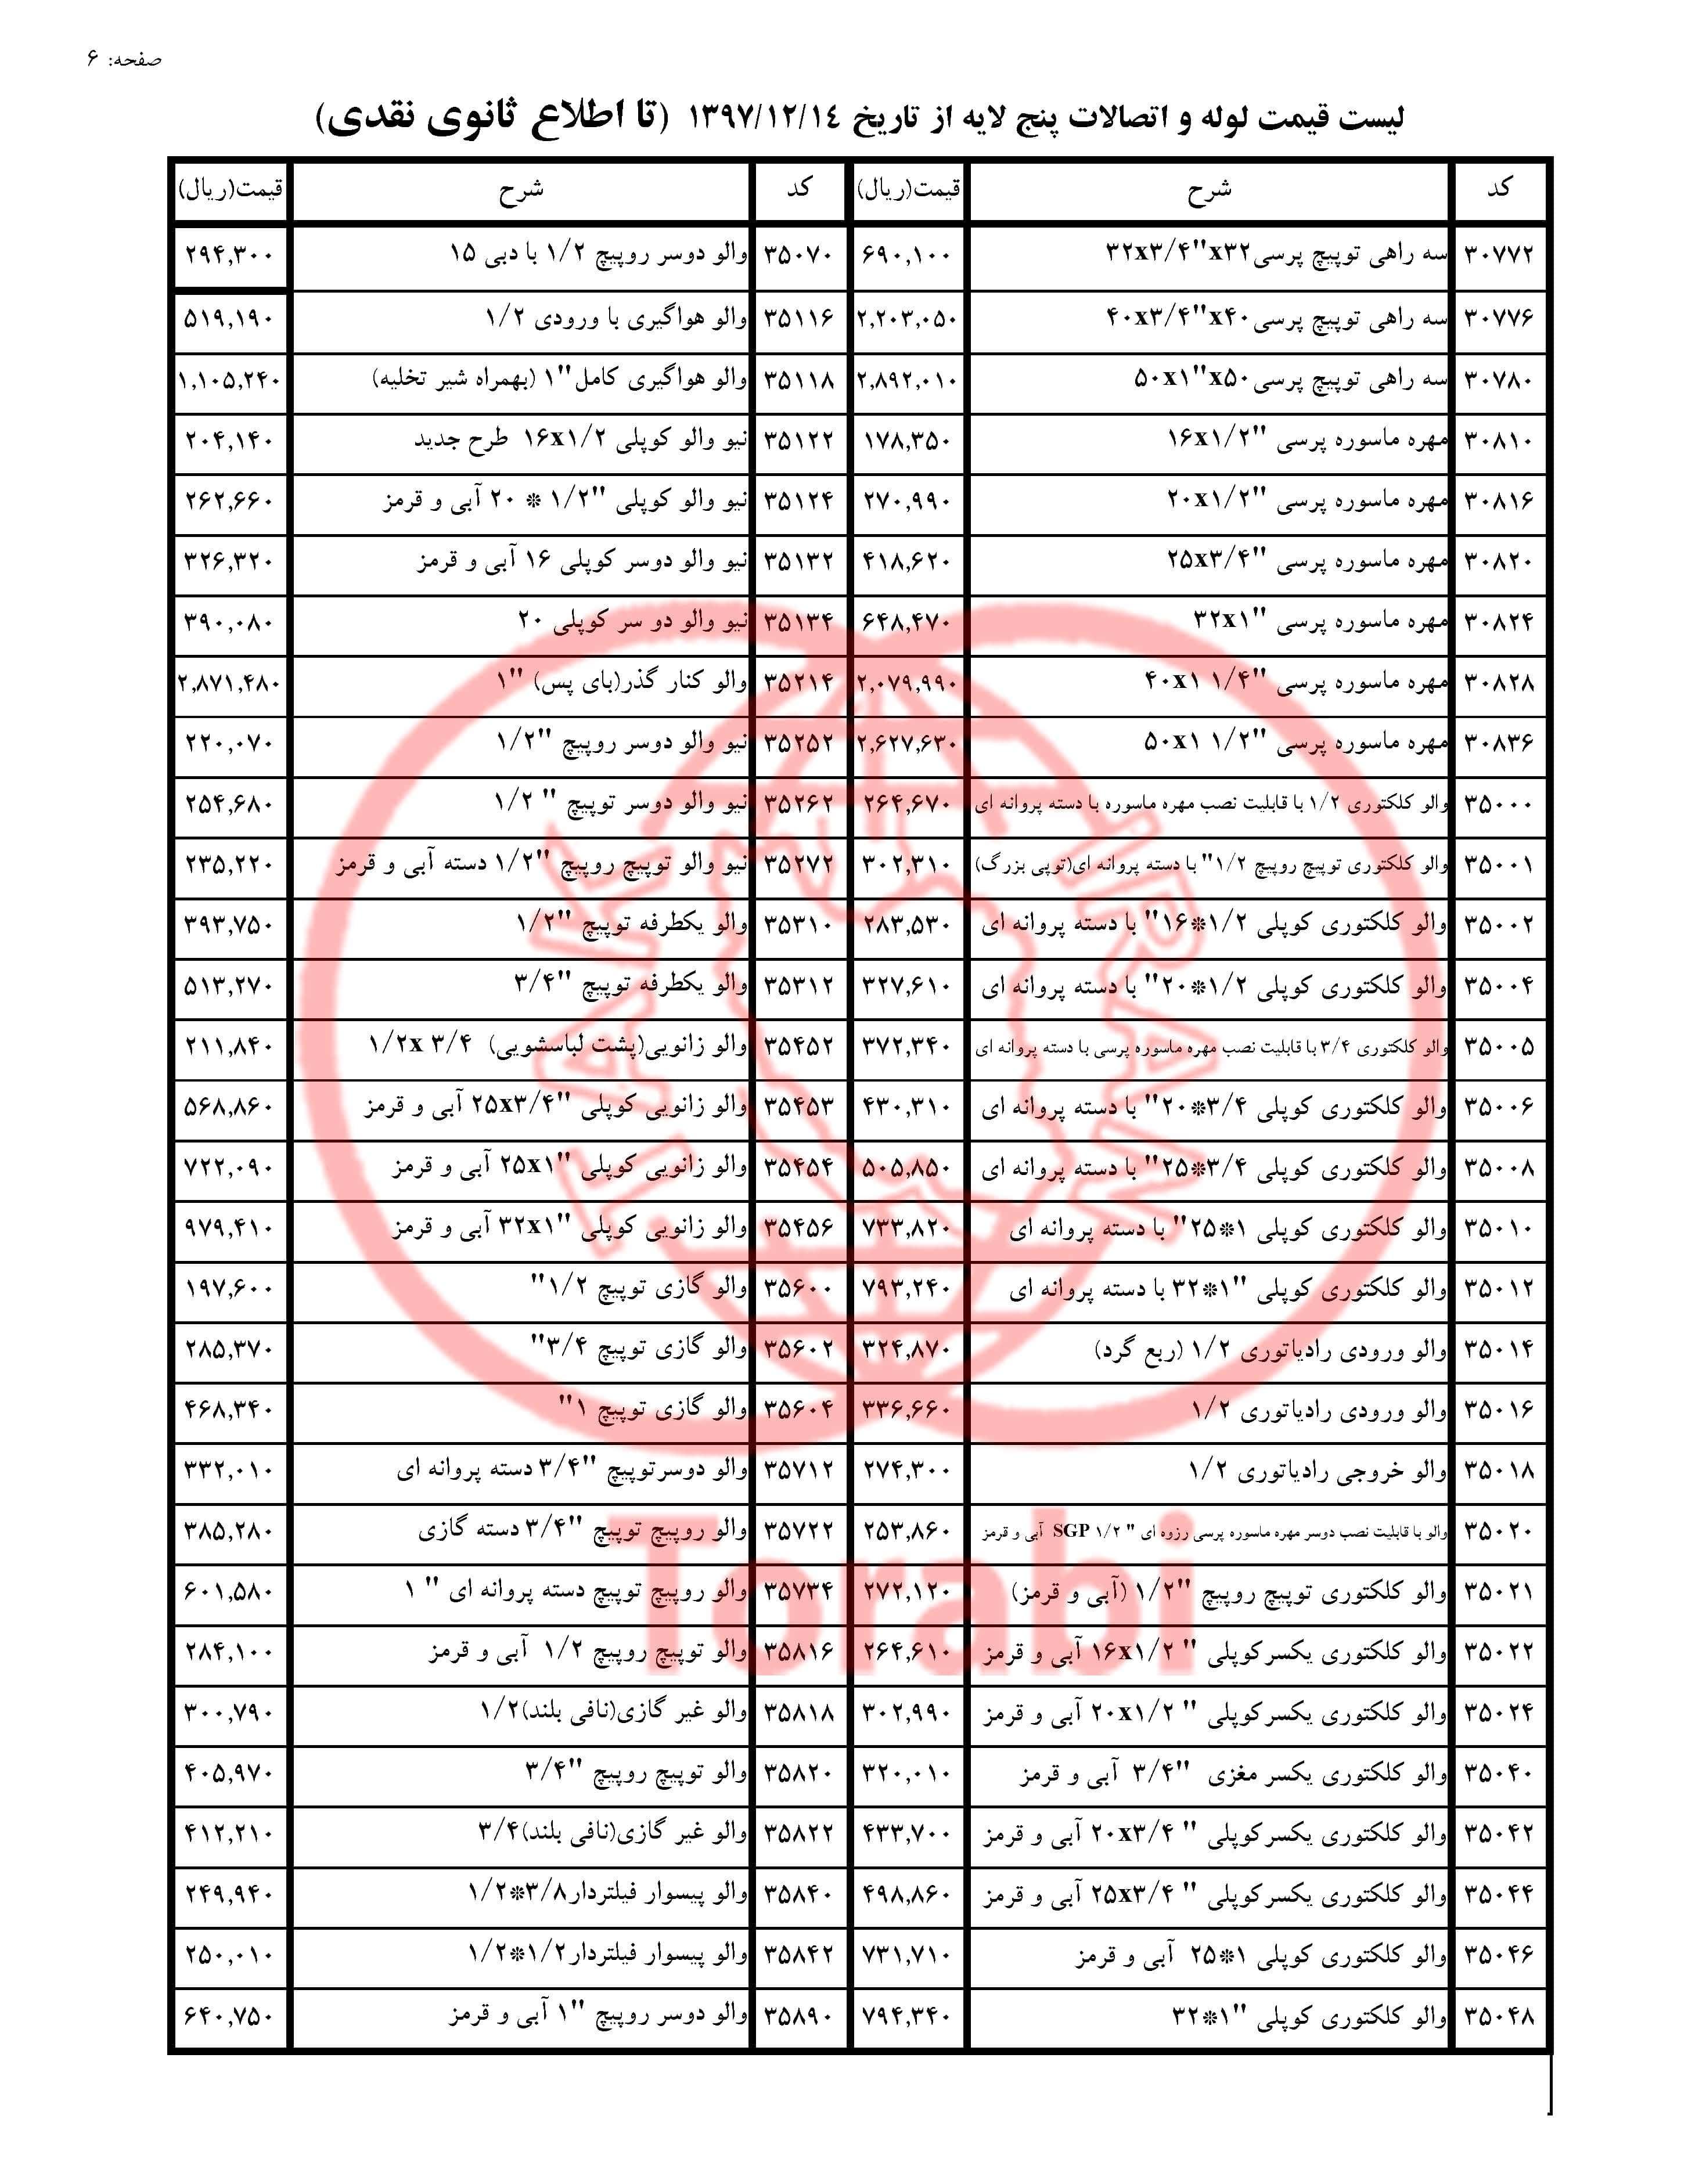 لیست قیمت پنج لایه نیوپایپ 97/12/14 صفحه 6